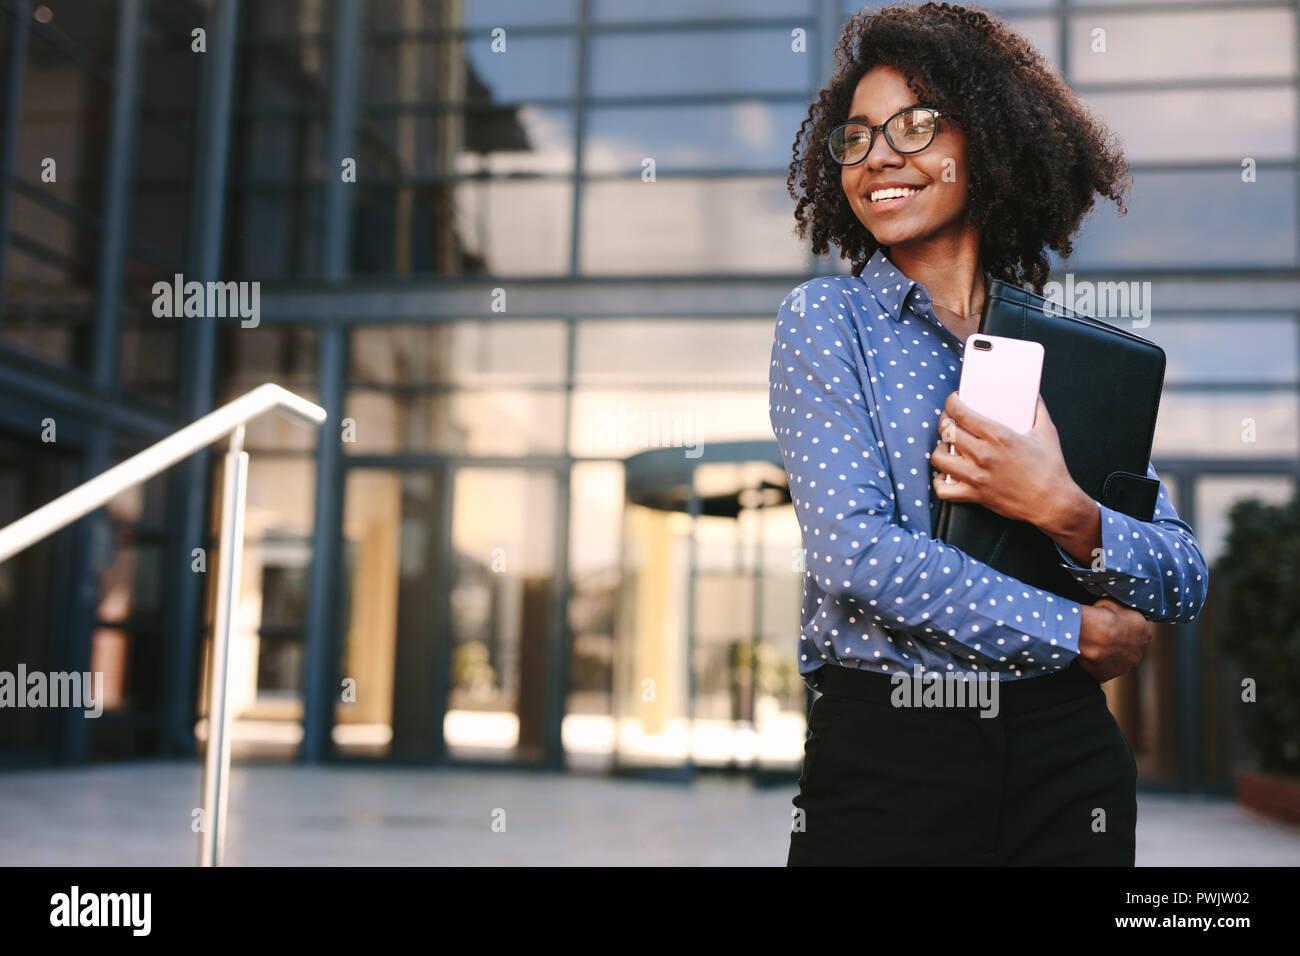 Donna con il telefono cellulare e il file aperto in piedi e guardando lontano. Business Woman Standing al di fuori di un edificio per uffici. Immagini Stock